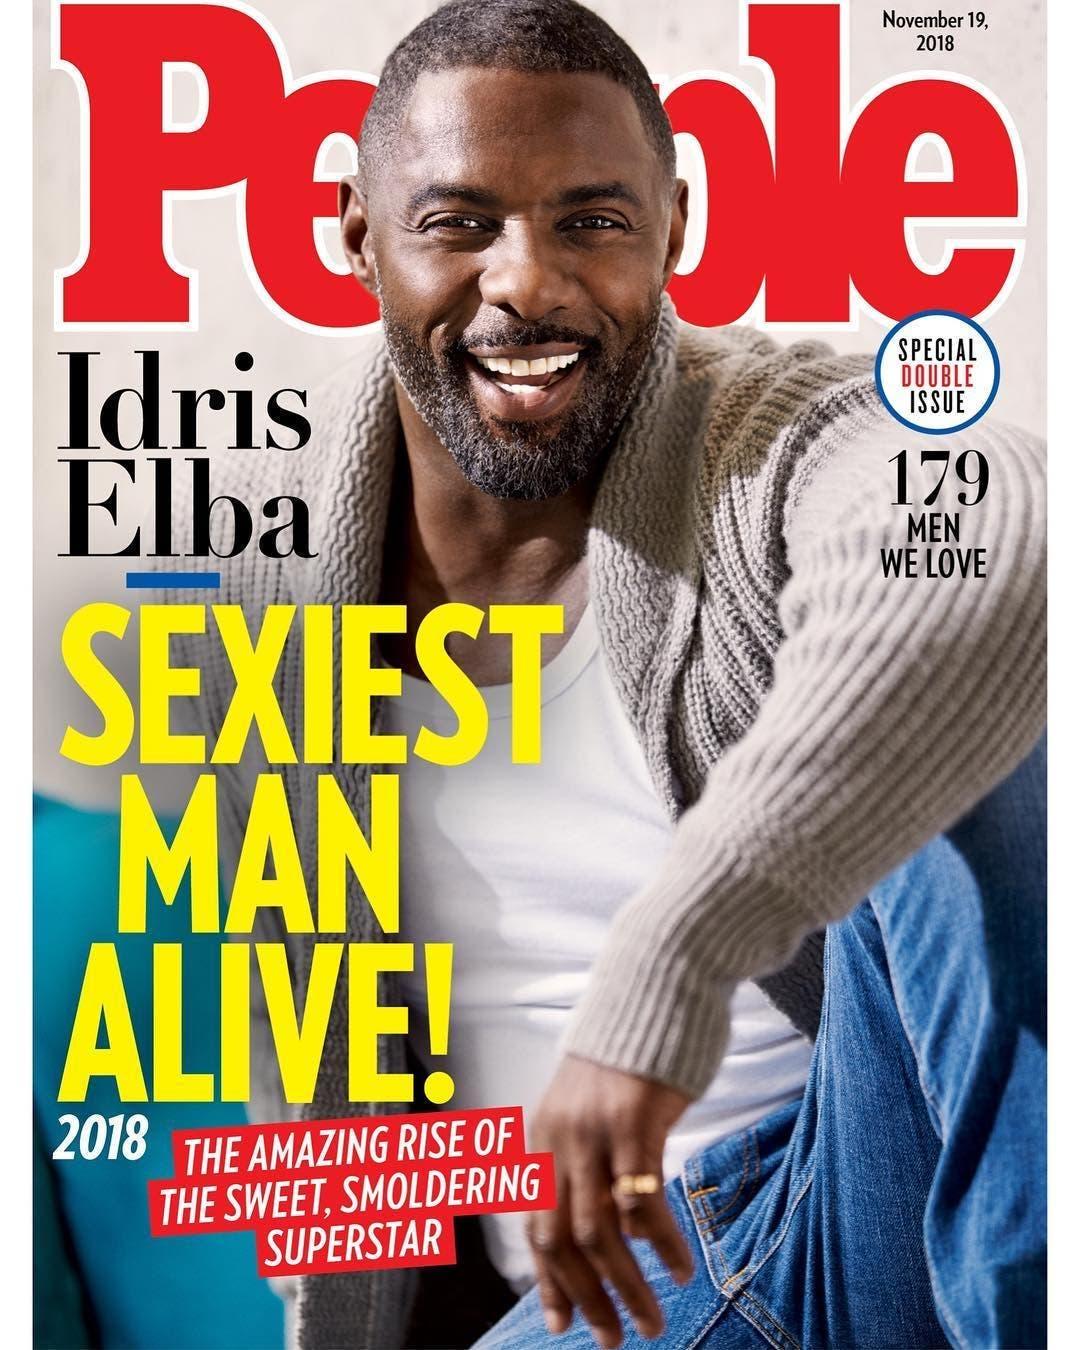 Homme le plus sexy du monde